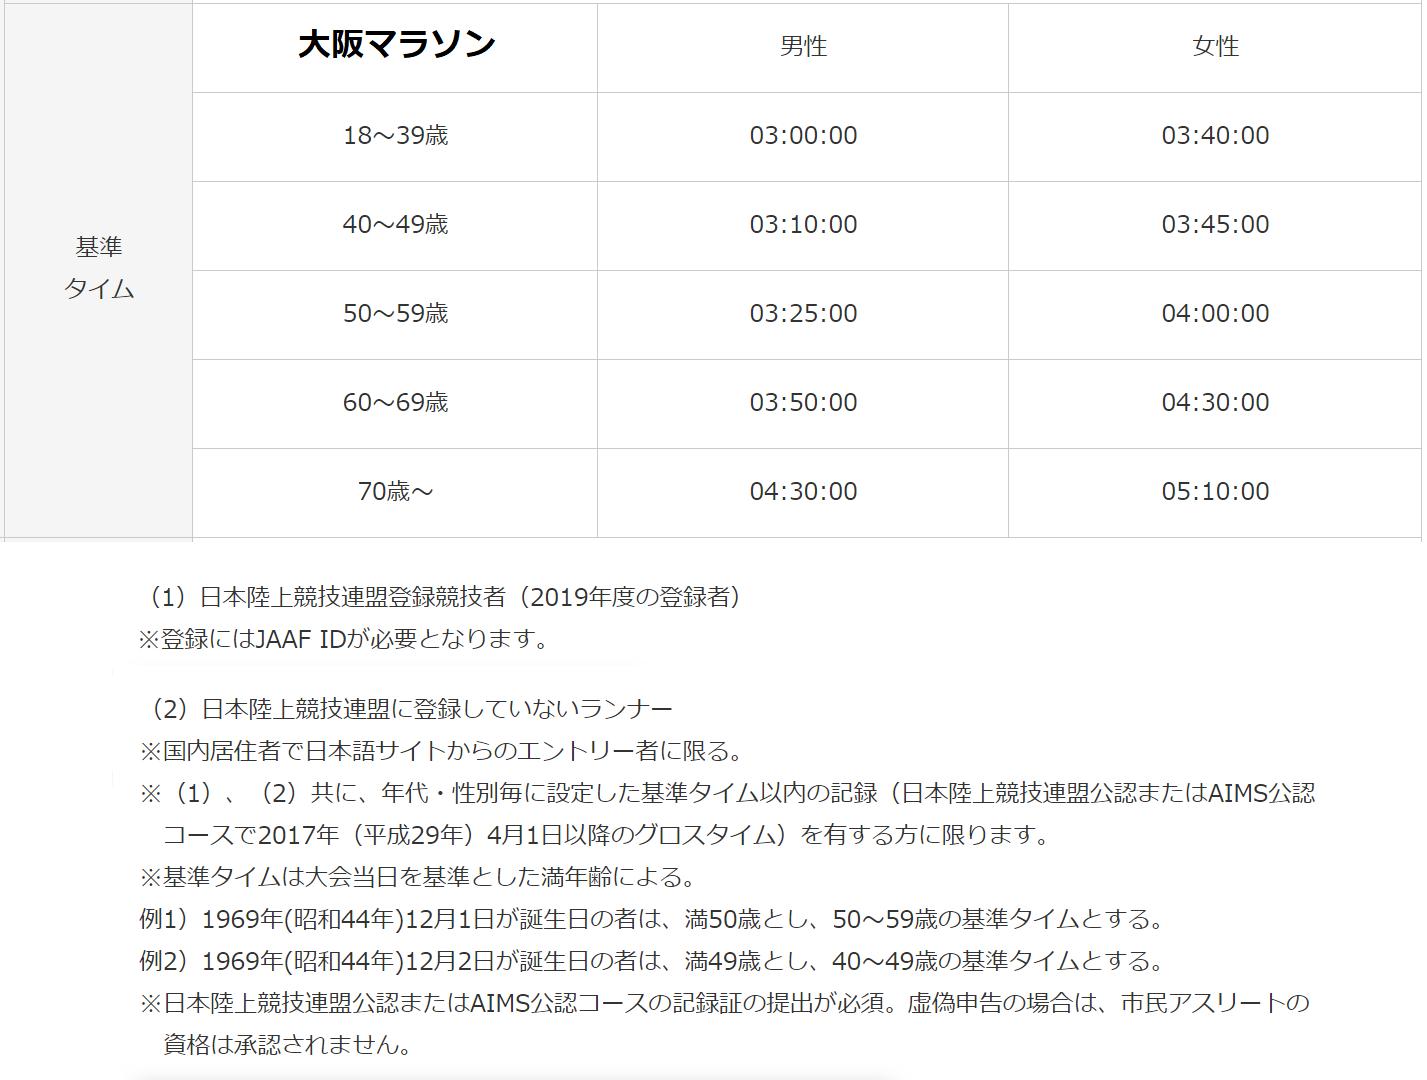 大阪マラソン年代別基準タイム優先枠